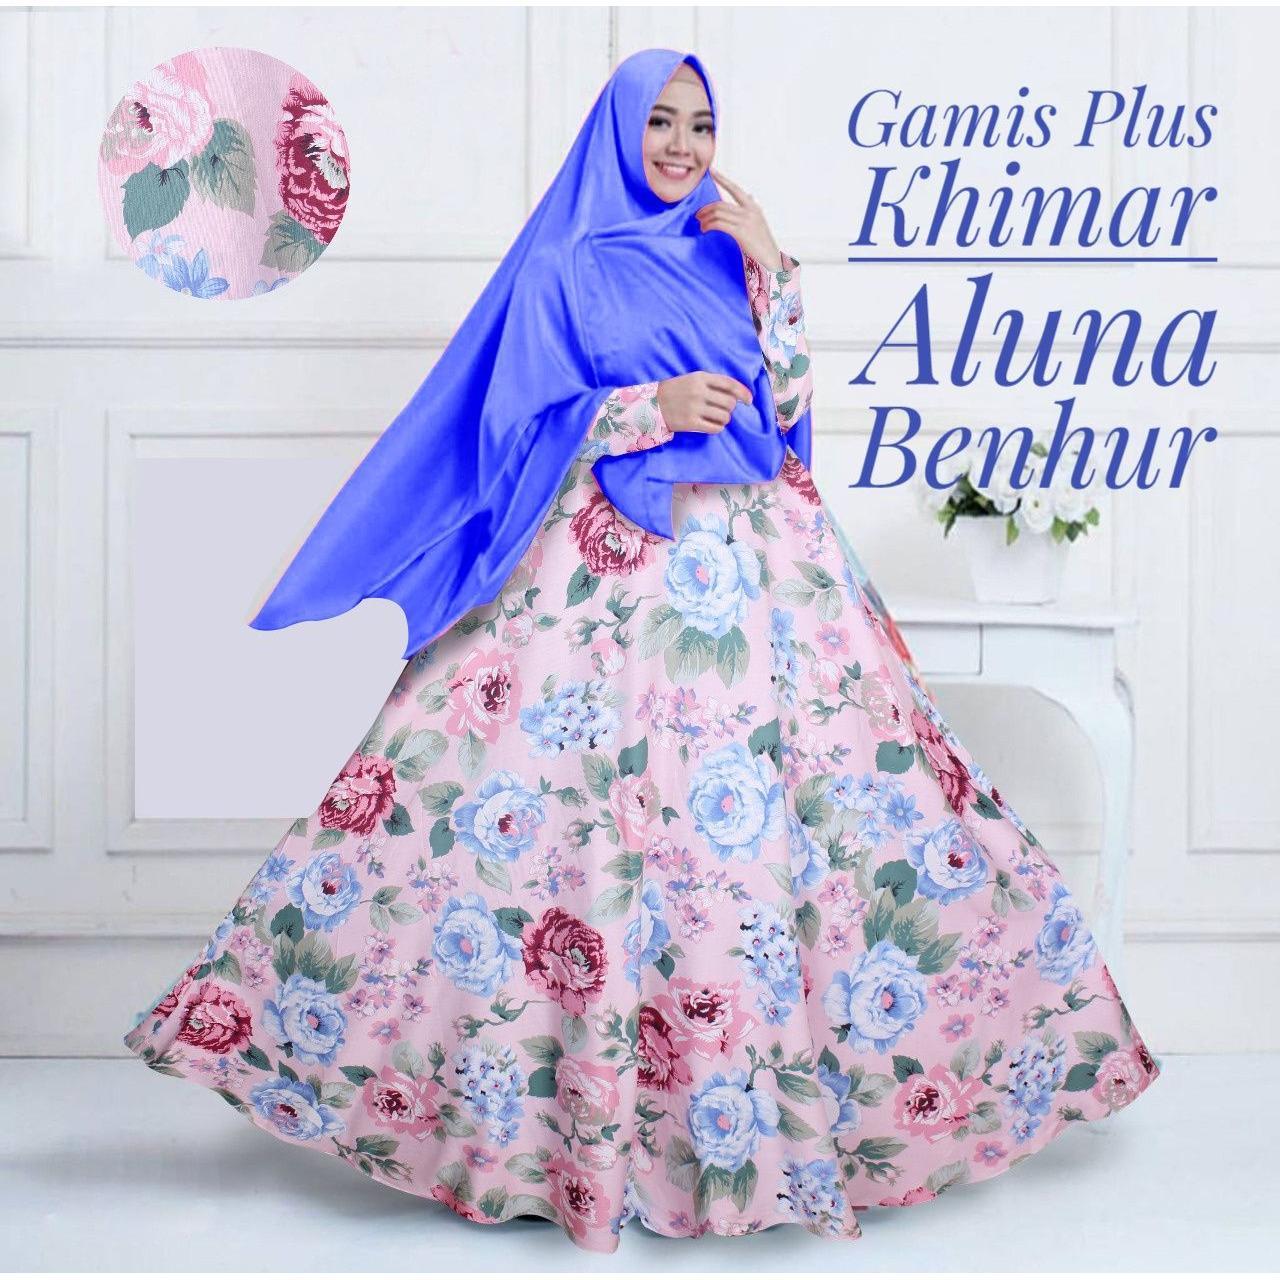 Gamis Katun Aluna Set Dengan Khimar Warna Benhur